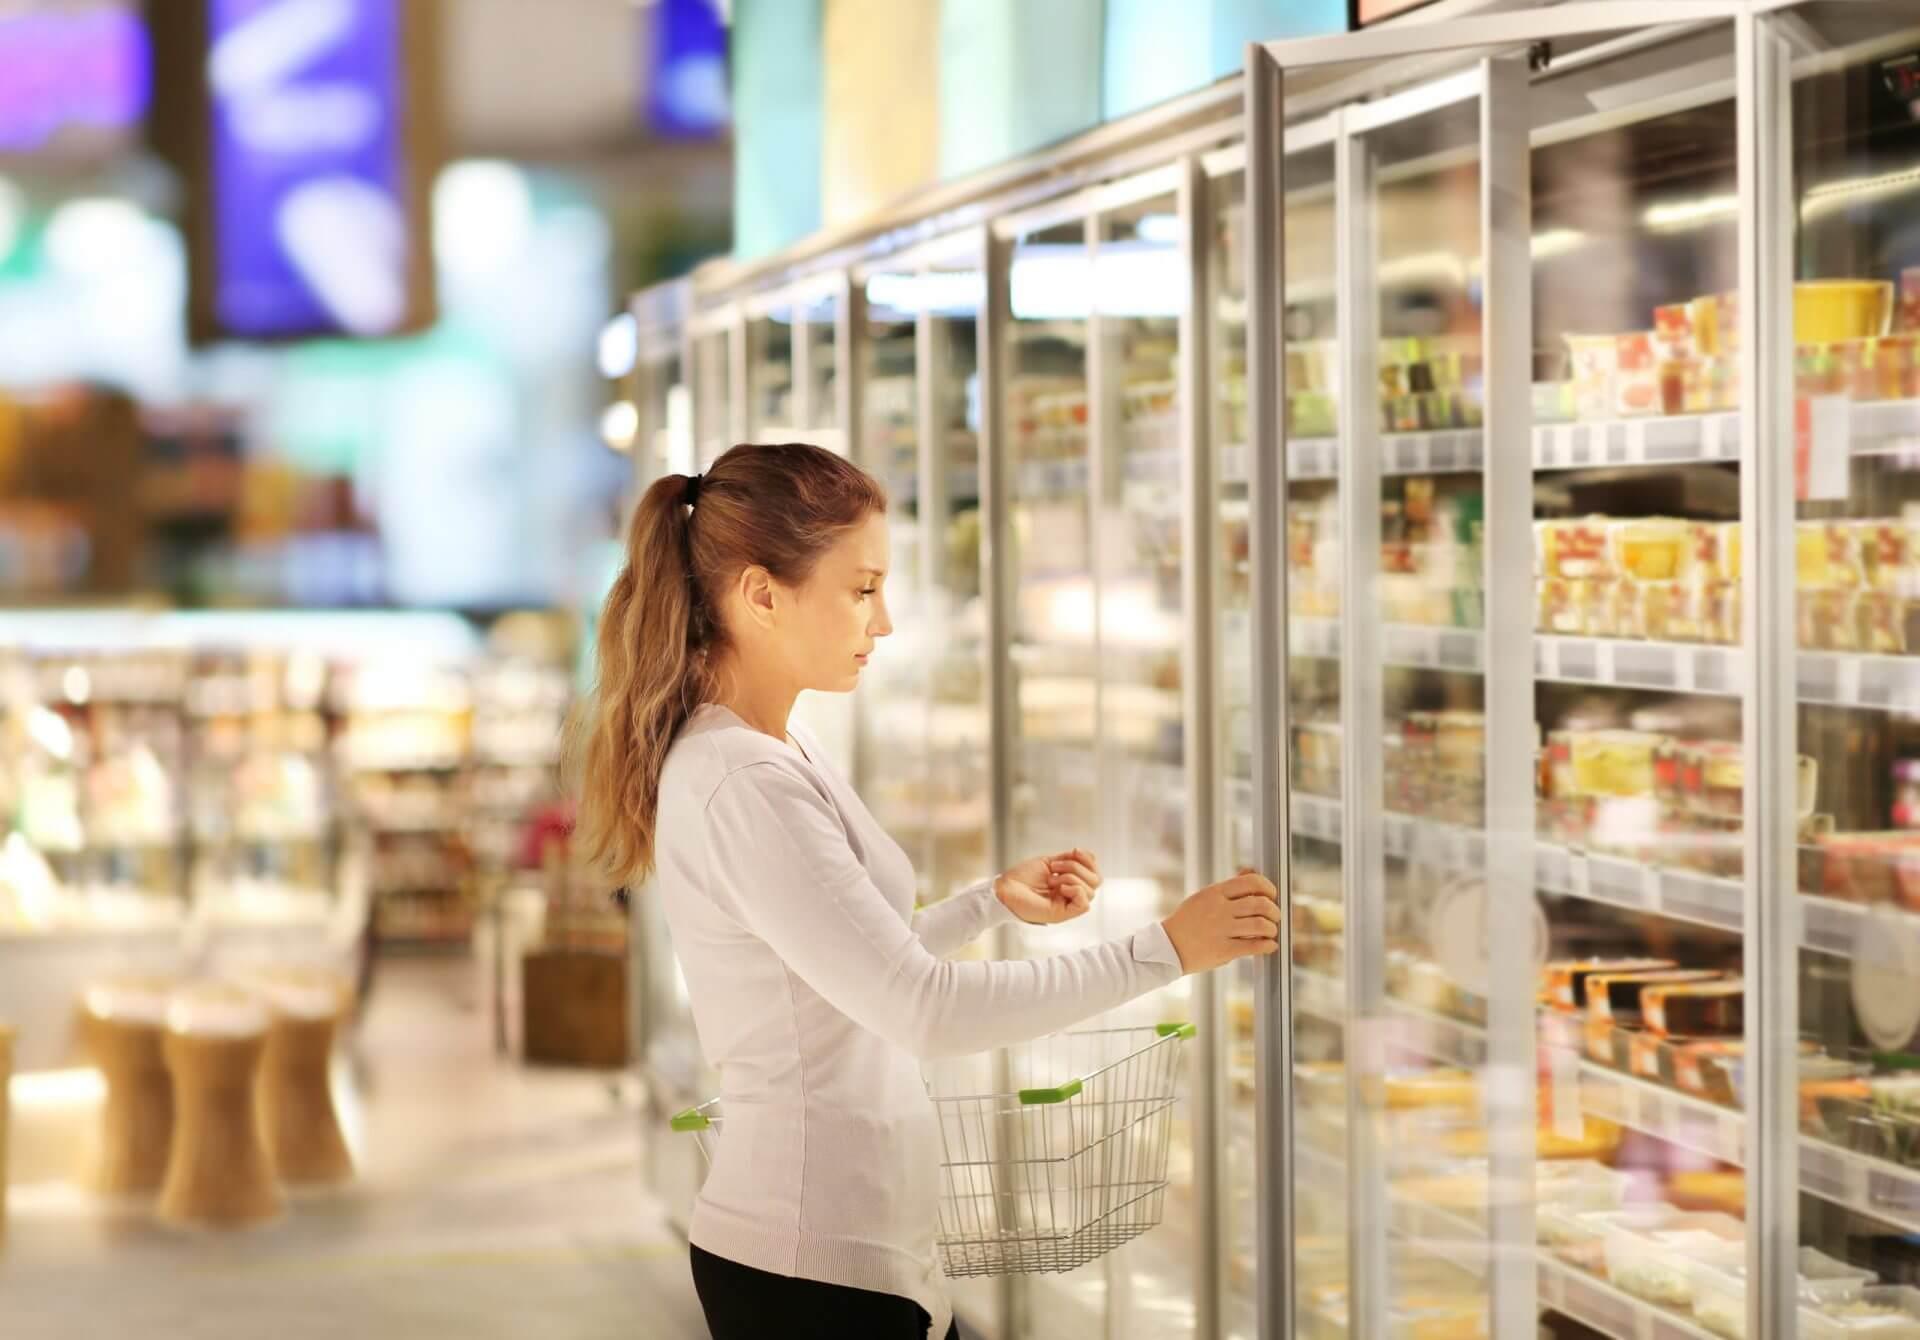 Kühlung im Supermarkt